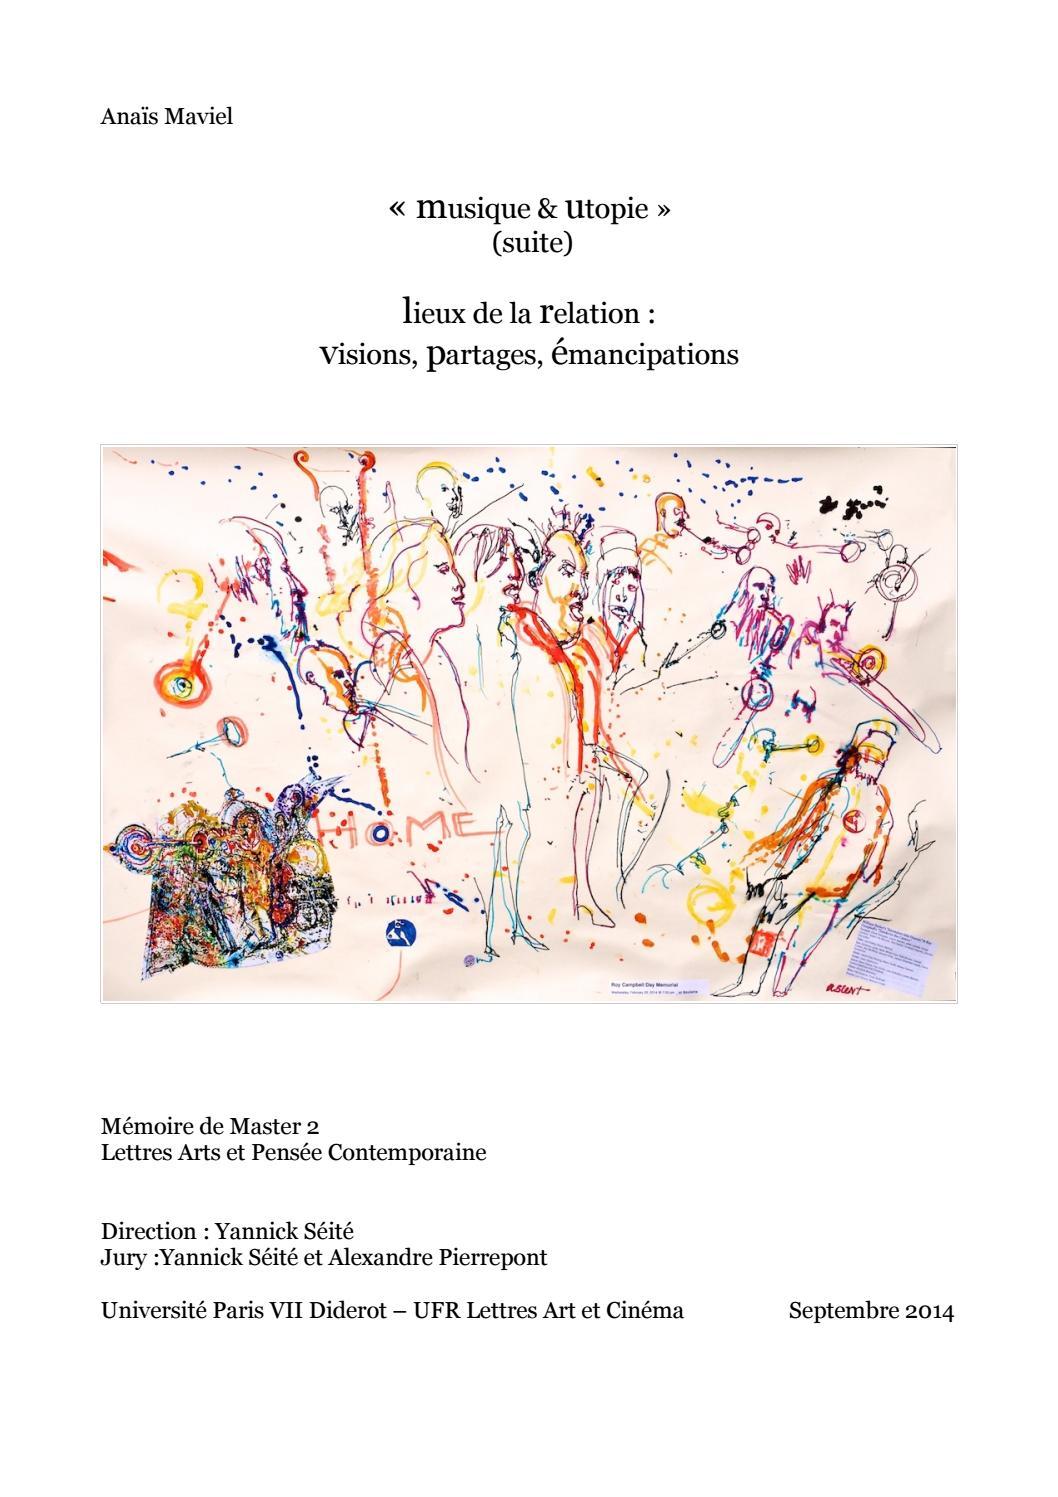 Rencontre Val-de-Marne, site de rencontre sérieuse Val-de-Marne (94) - page 1